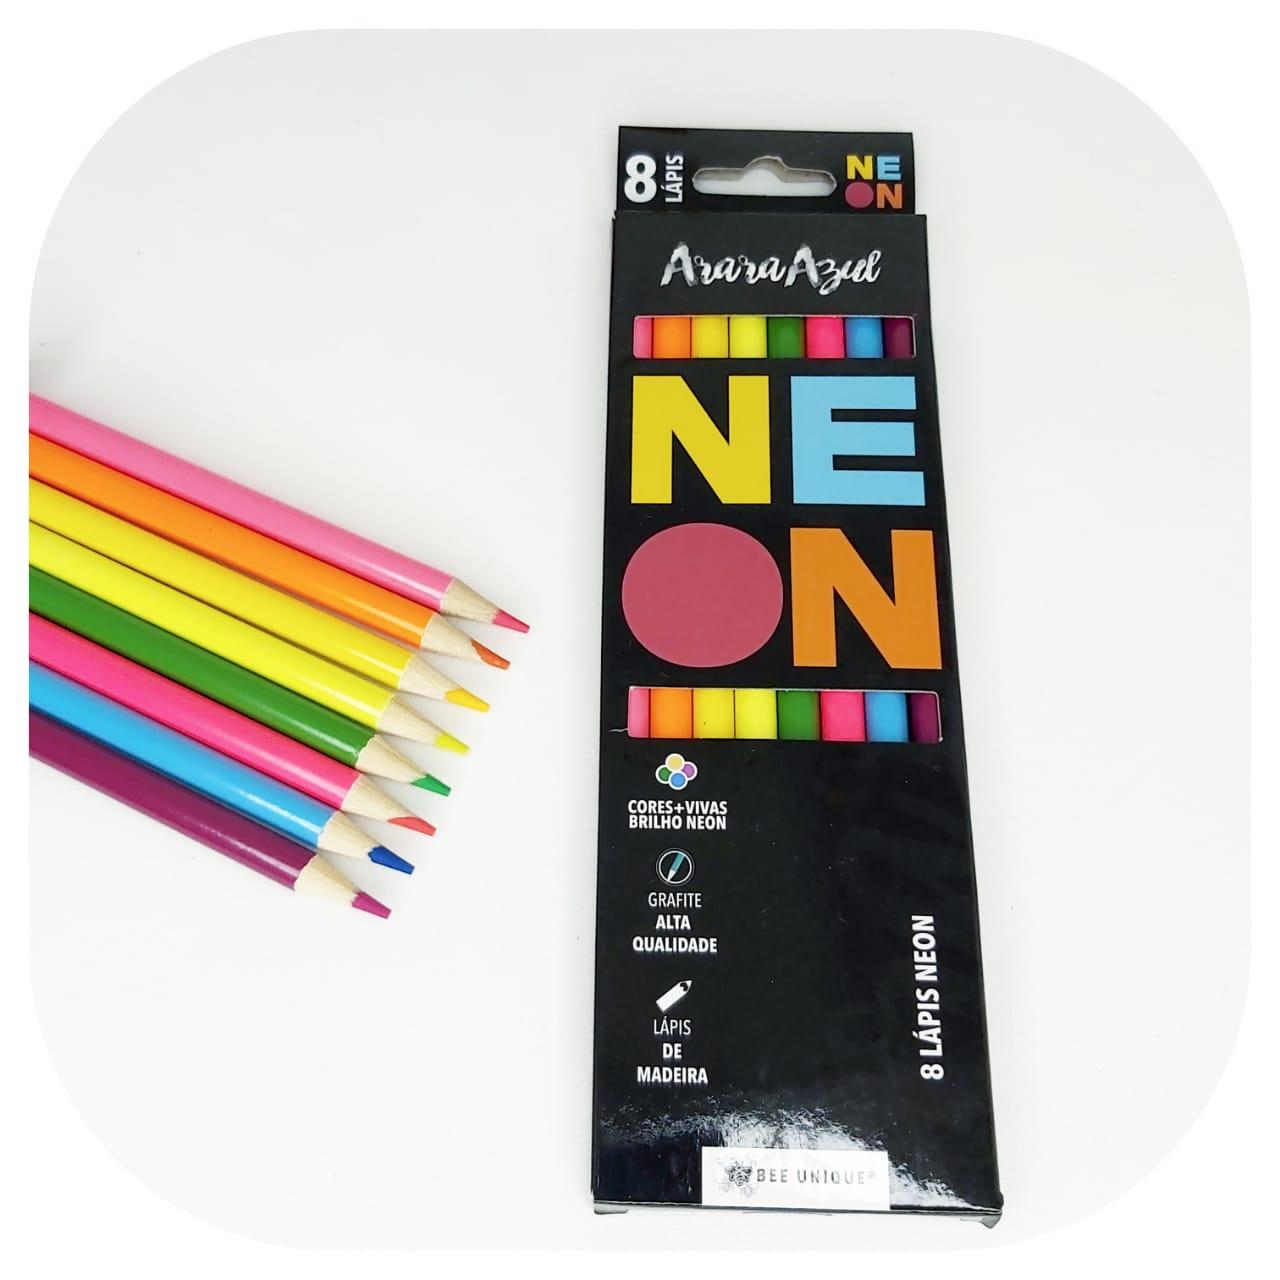 Lápis de Cor - neon - BeeUnique - Linha Arara Azul